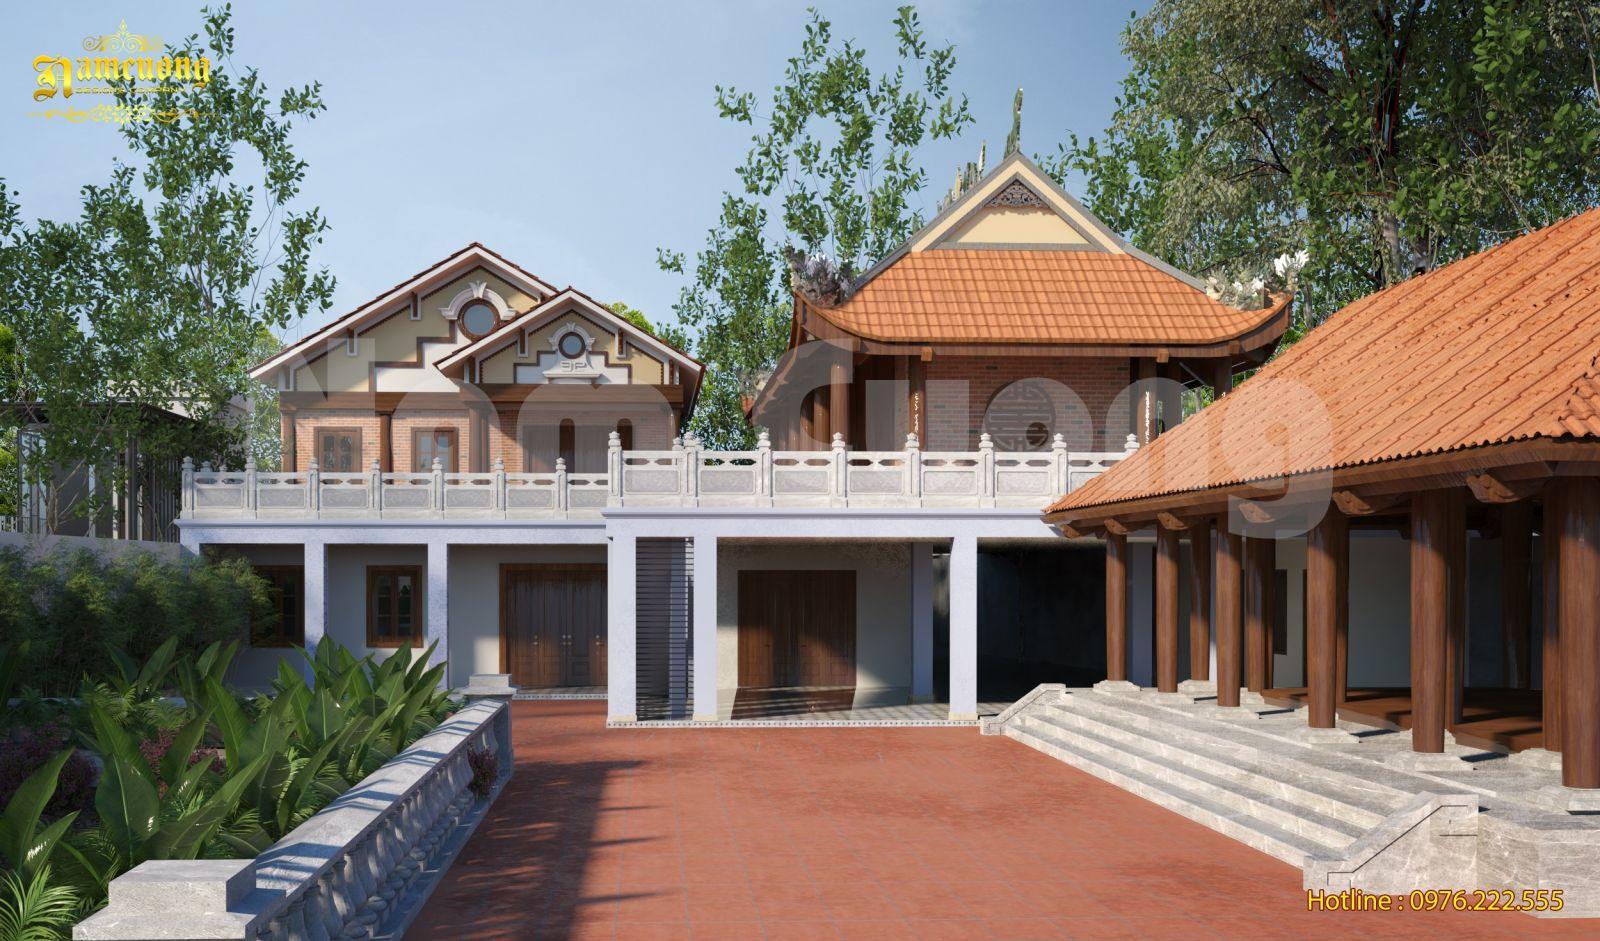 Hoàn thành mẫu thiết kế nhà đẹp 2 tầng tân cổ điển độc đáo